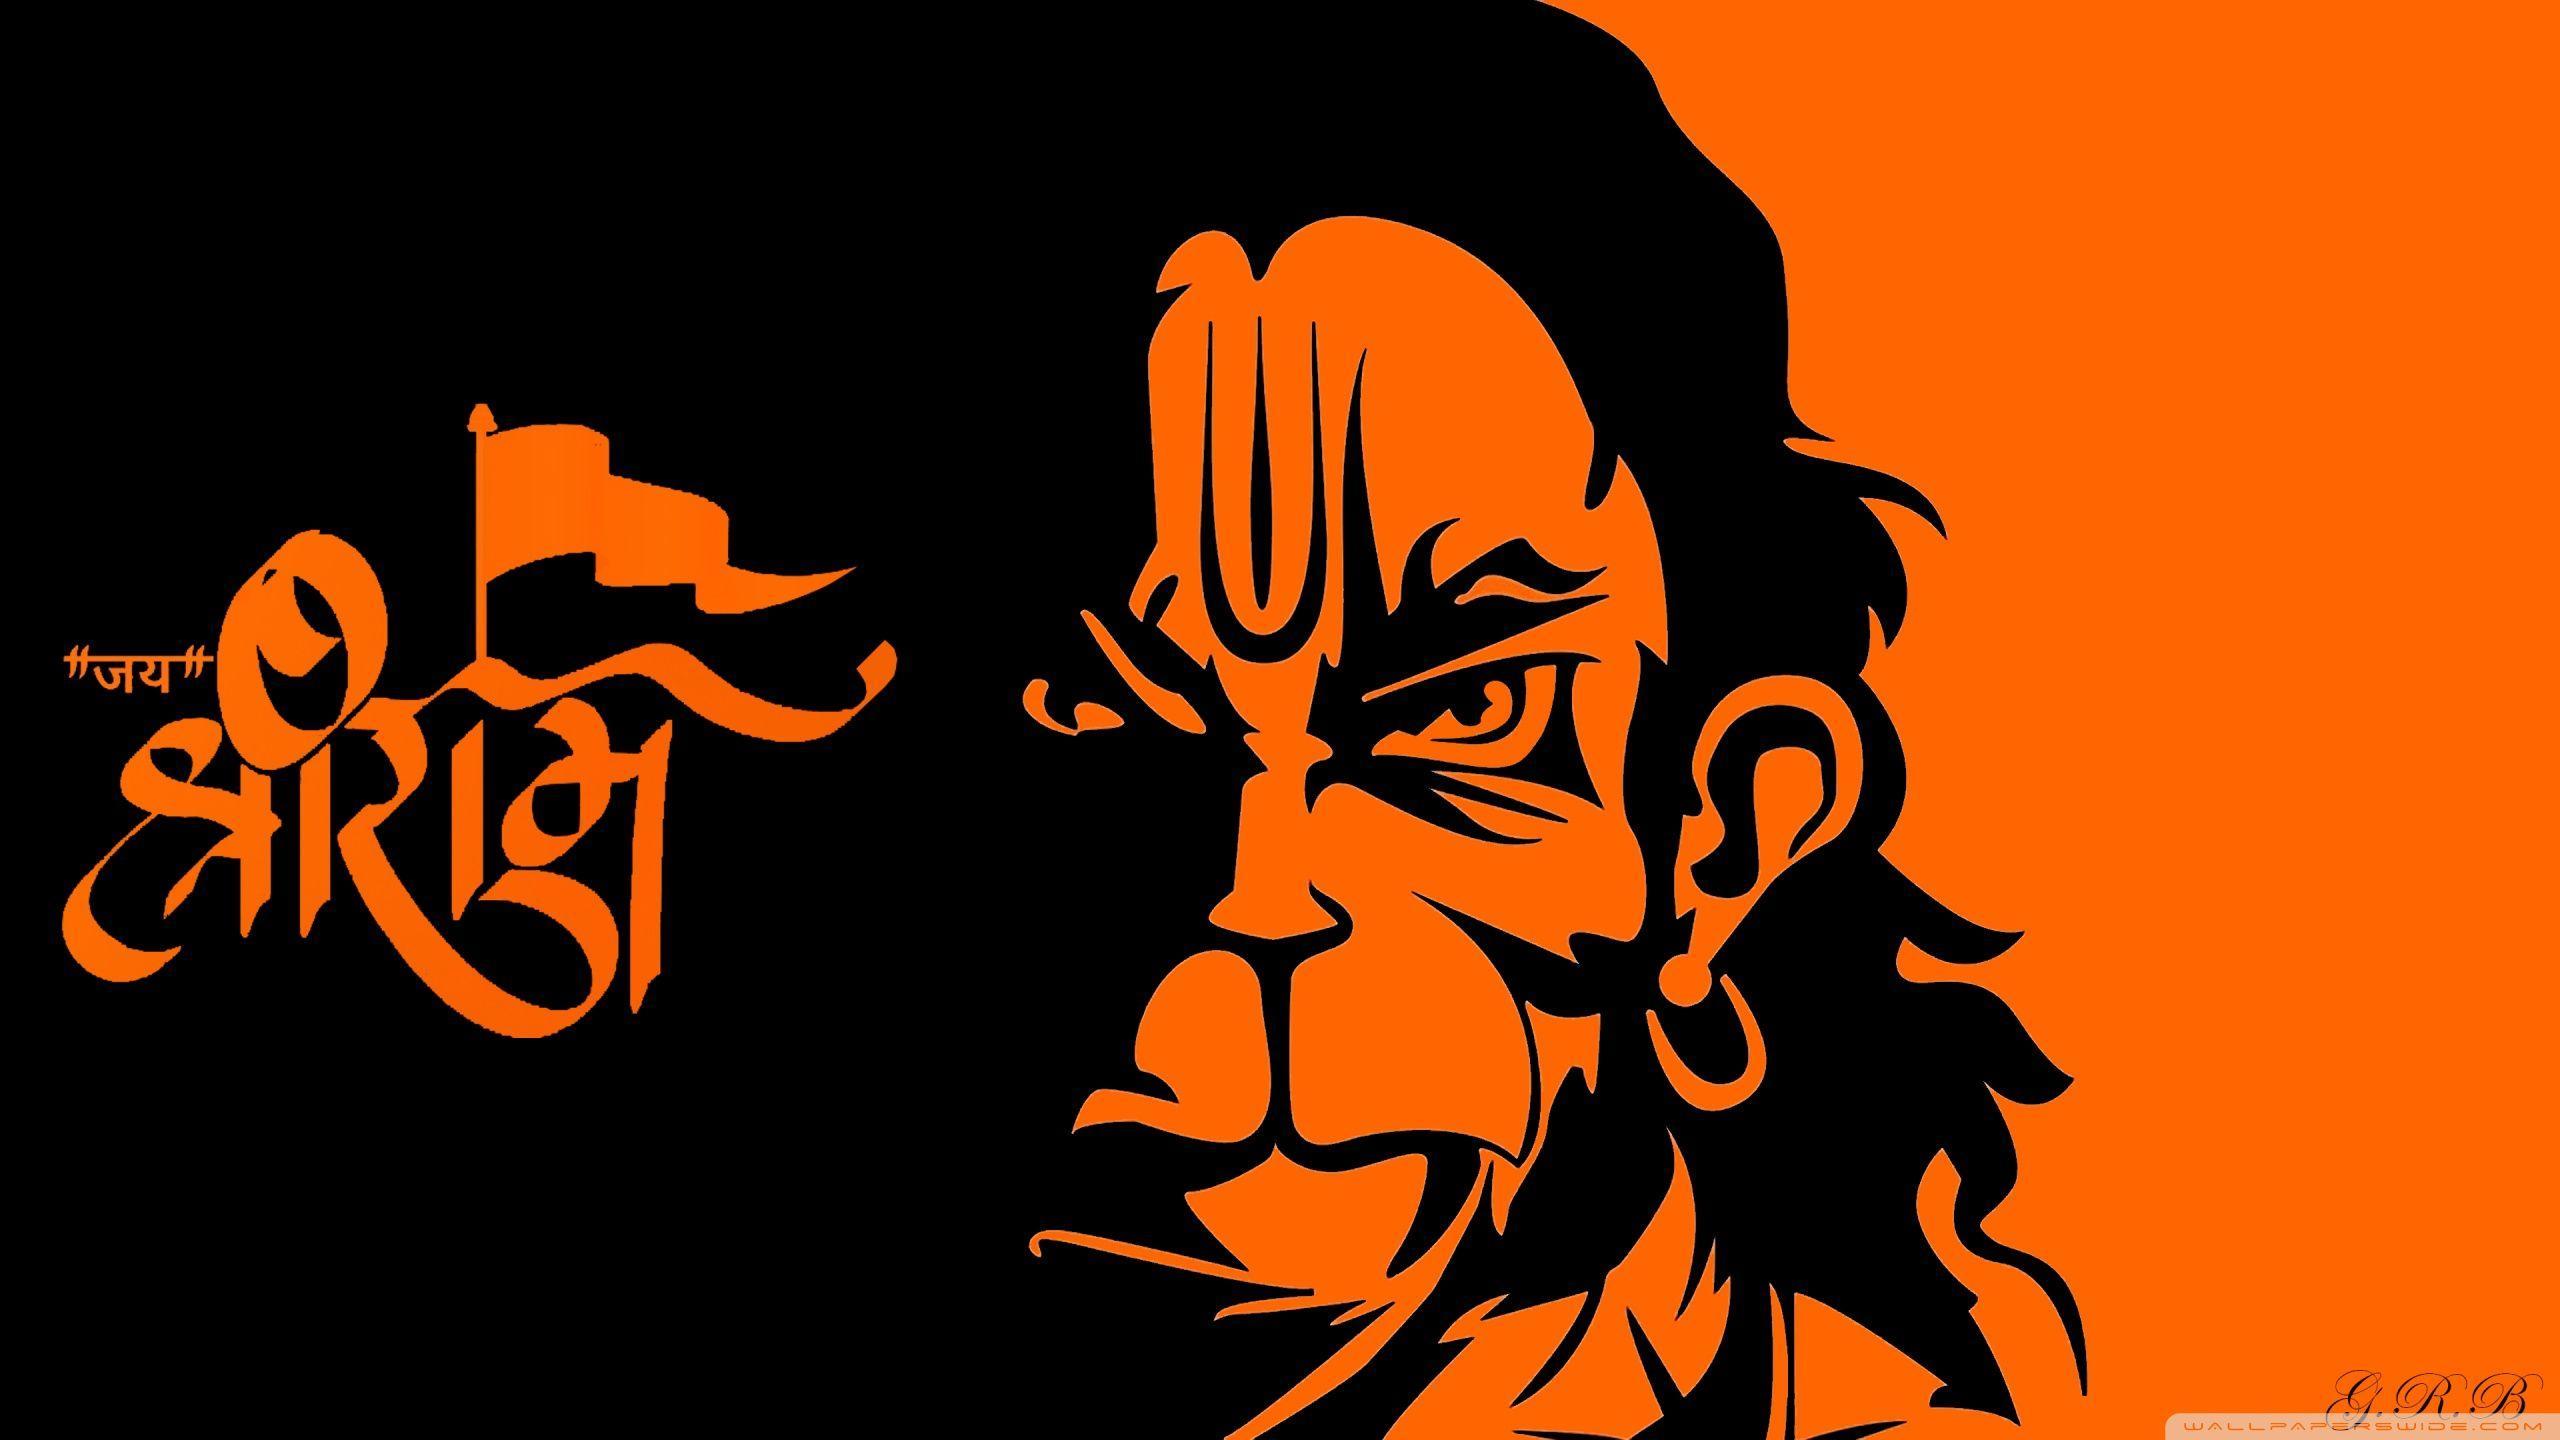 2560x1440 Jai Shri Ram hình nền